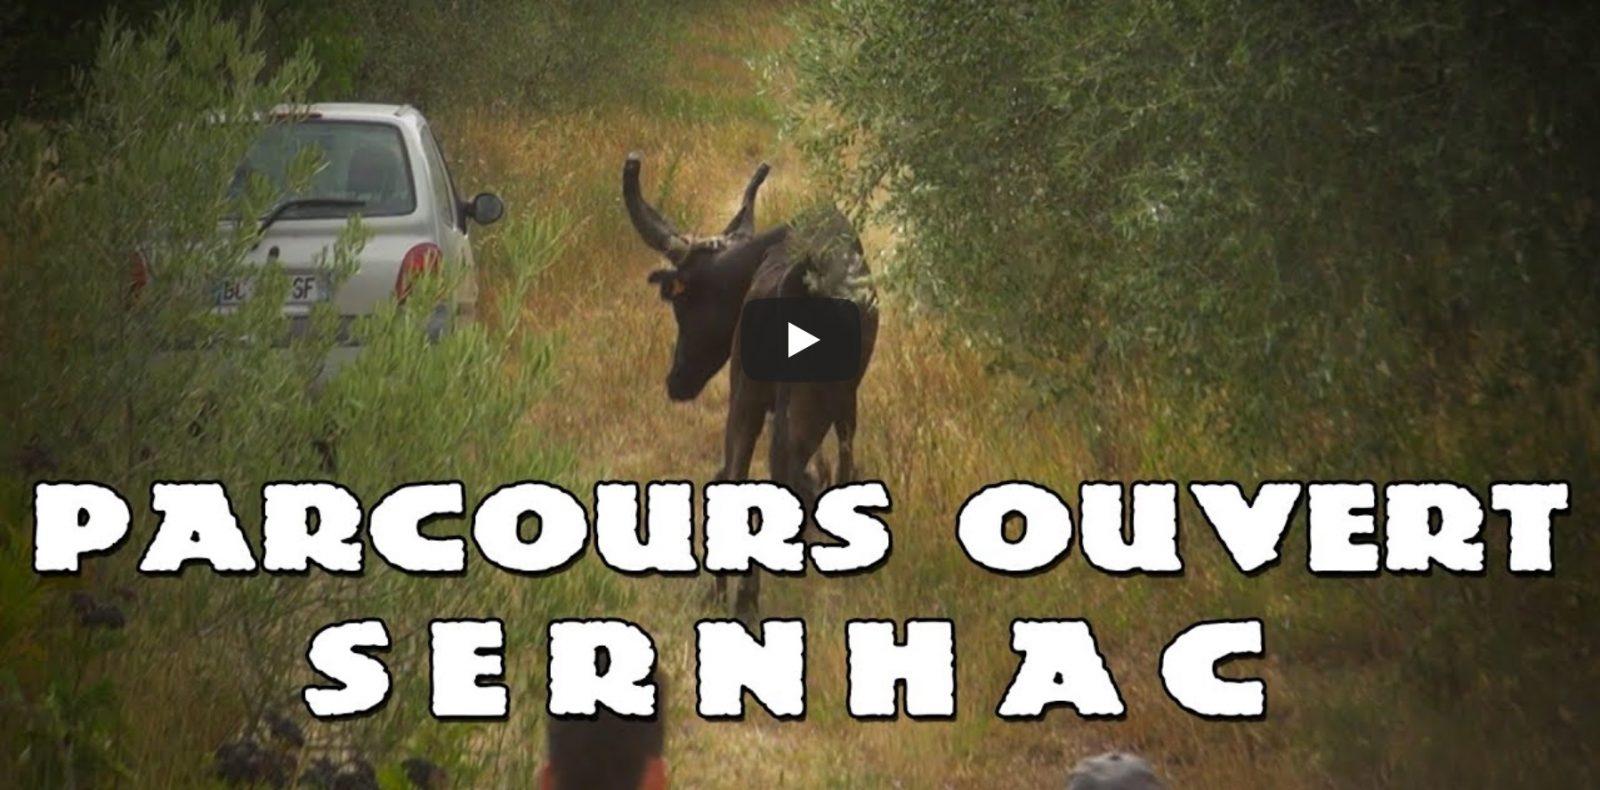 SERNHAC (10 et 11/08/2019) – Retour en vidéo sur la Bandido Parcours Ouvert